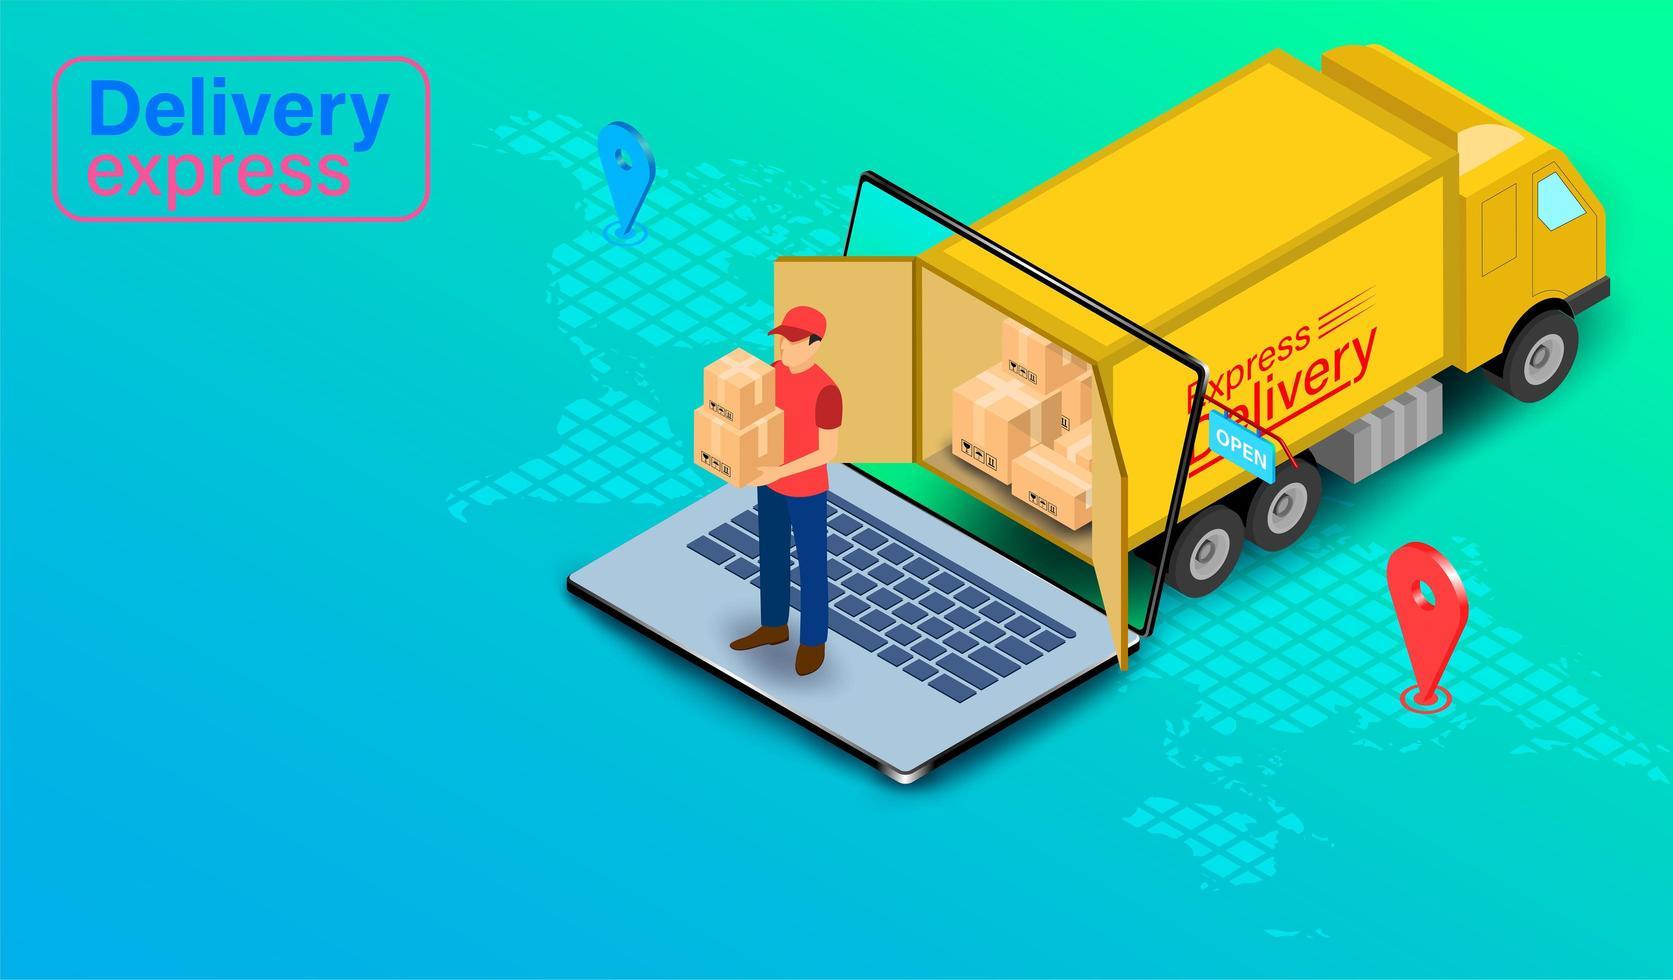 entrega urgente por persona de paquetería con camión vector